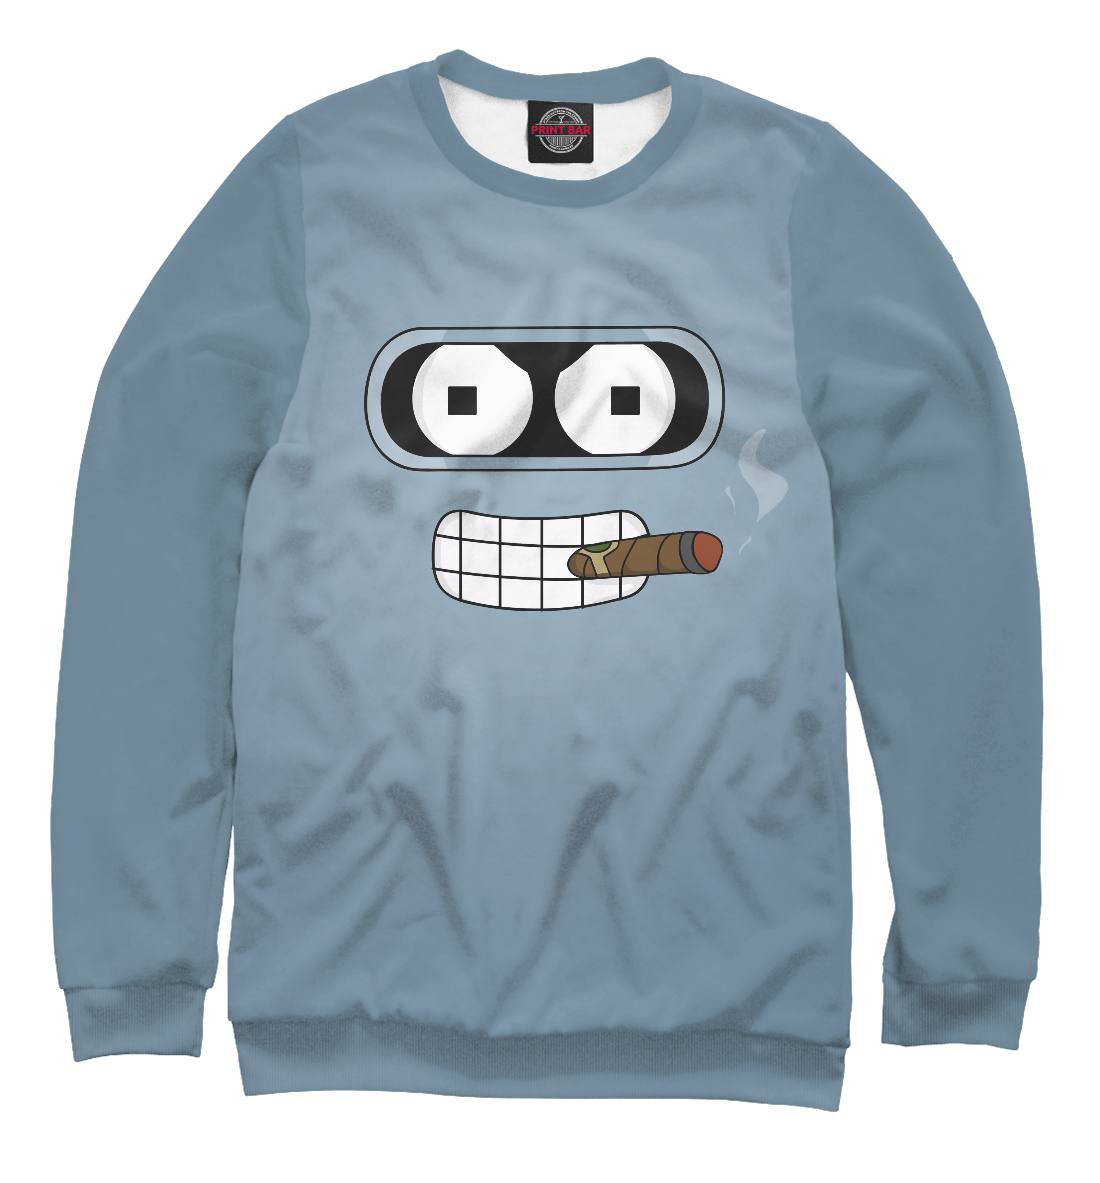 Купить Bender, Printbar, Свитшоты, FUT-921042-swi-2